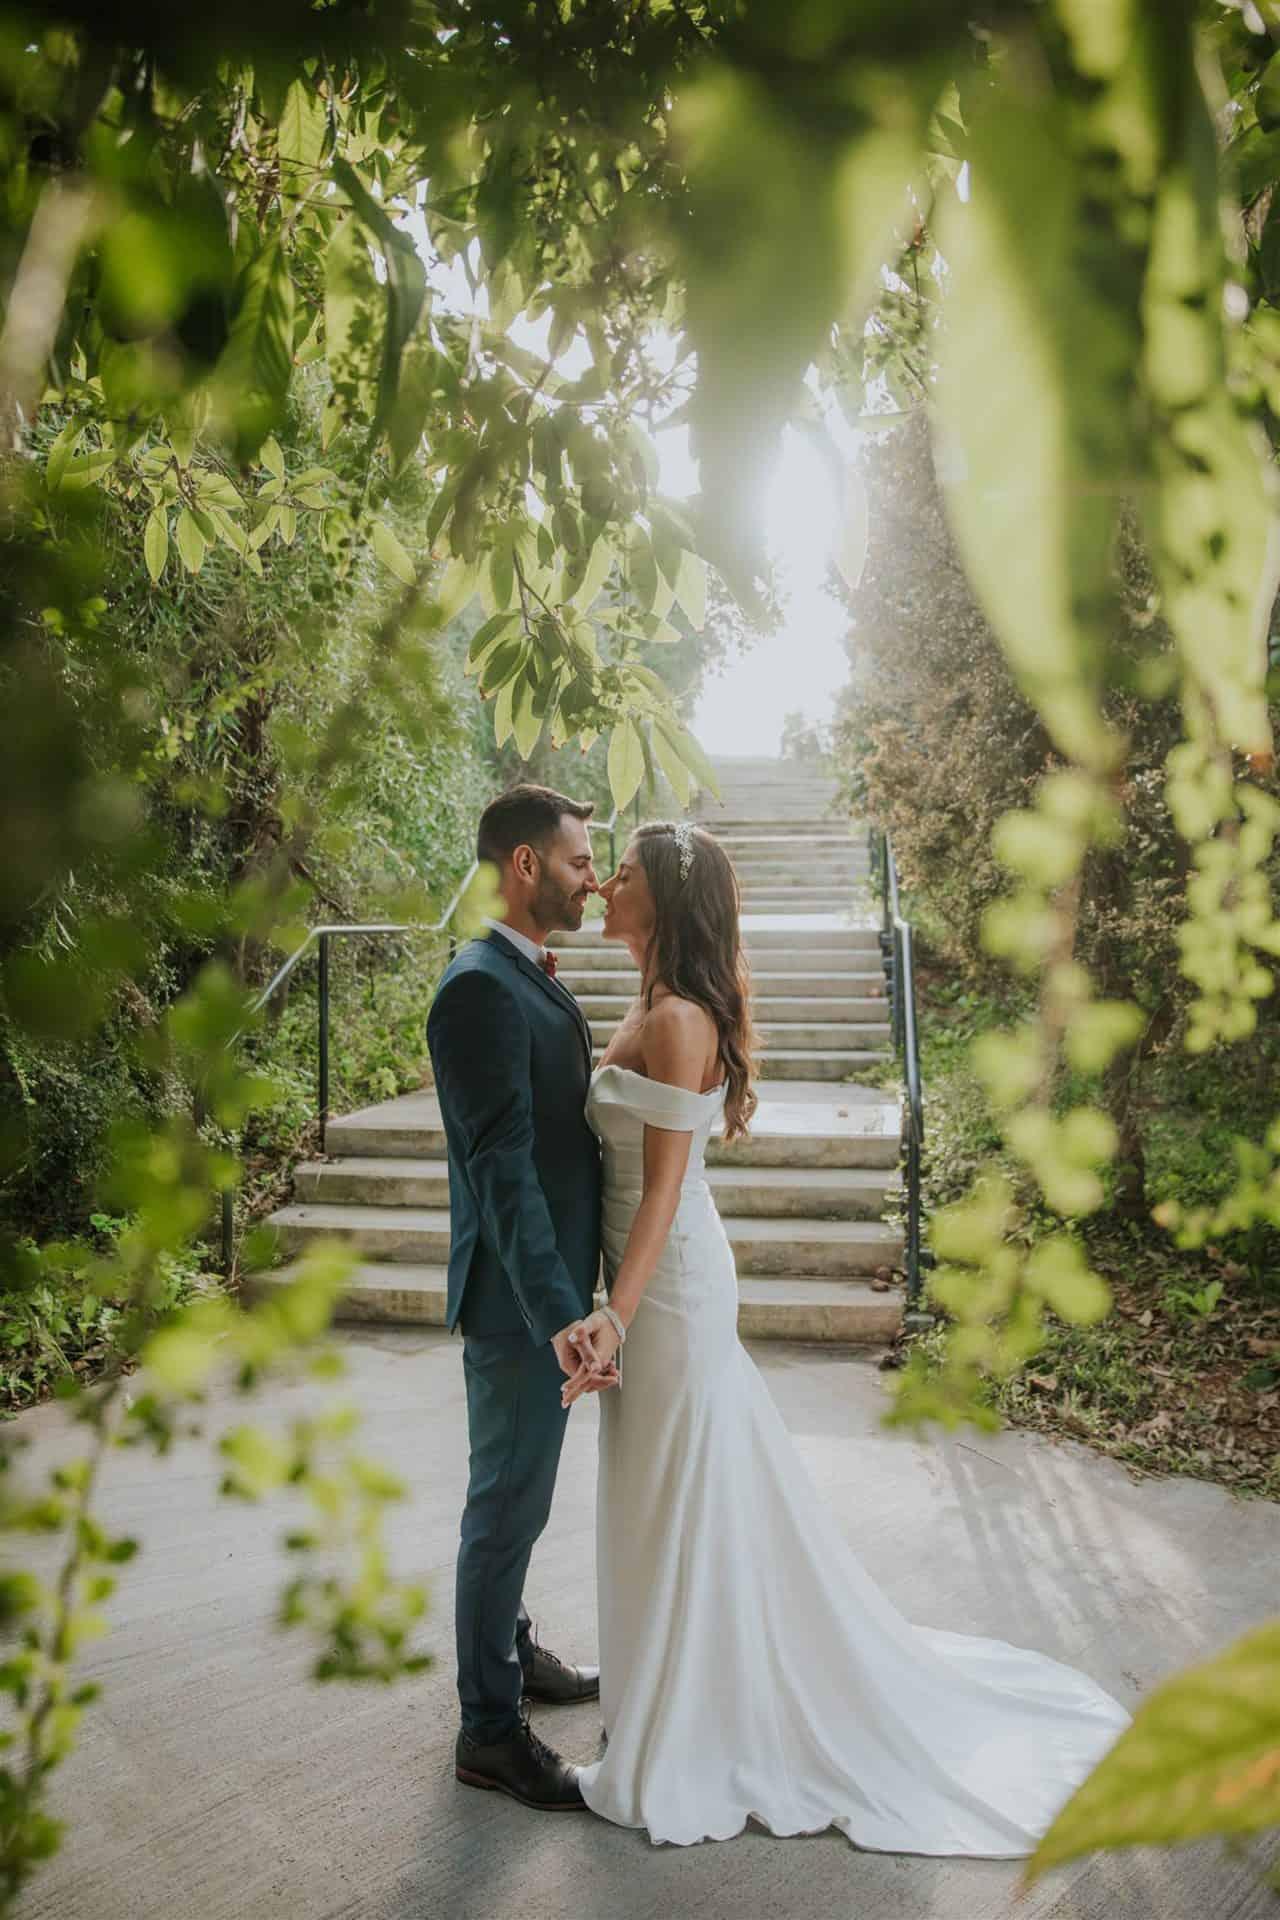 צילומי זוגיות ירוקים במיוחד במהלך חתונת בזק